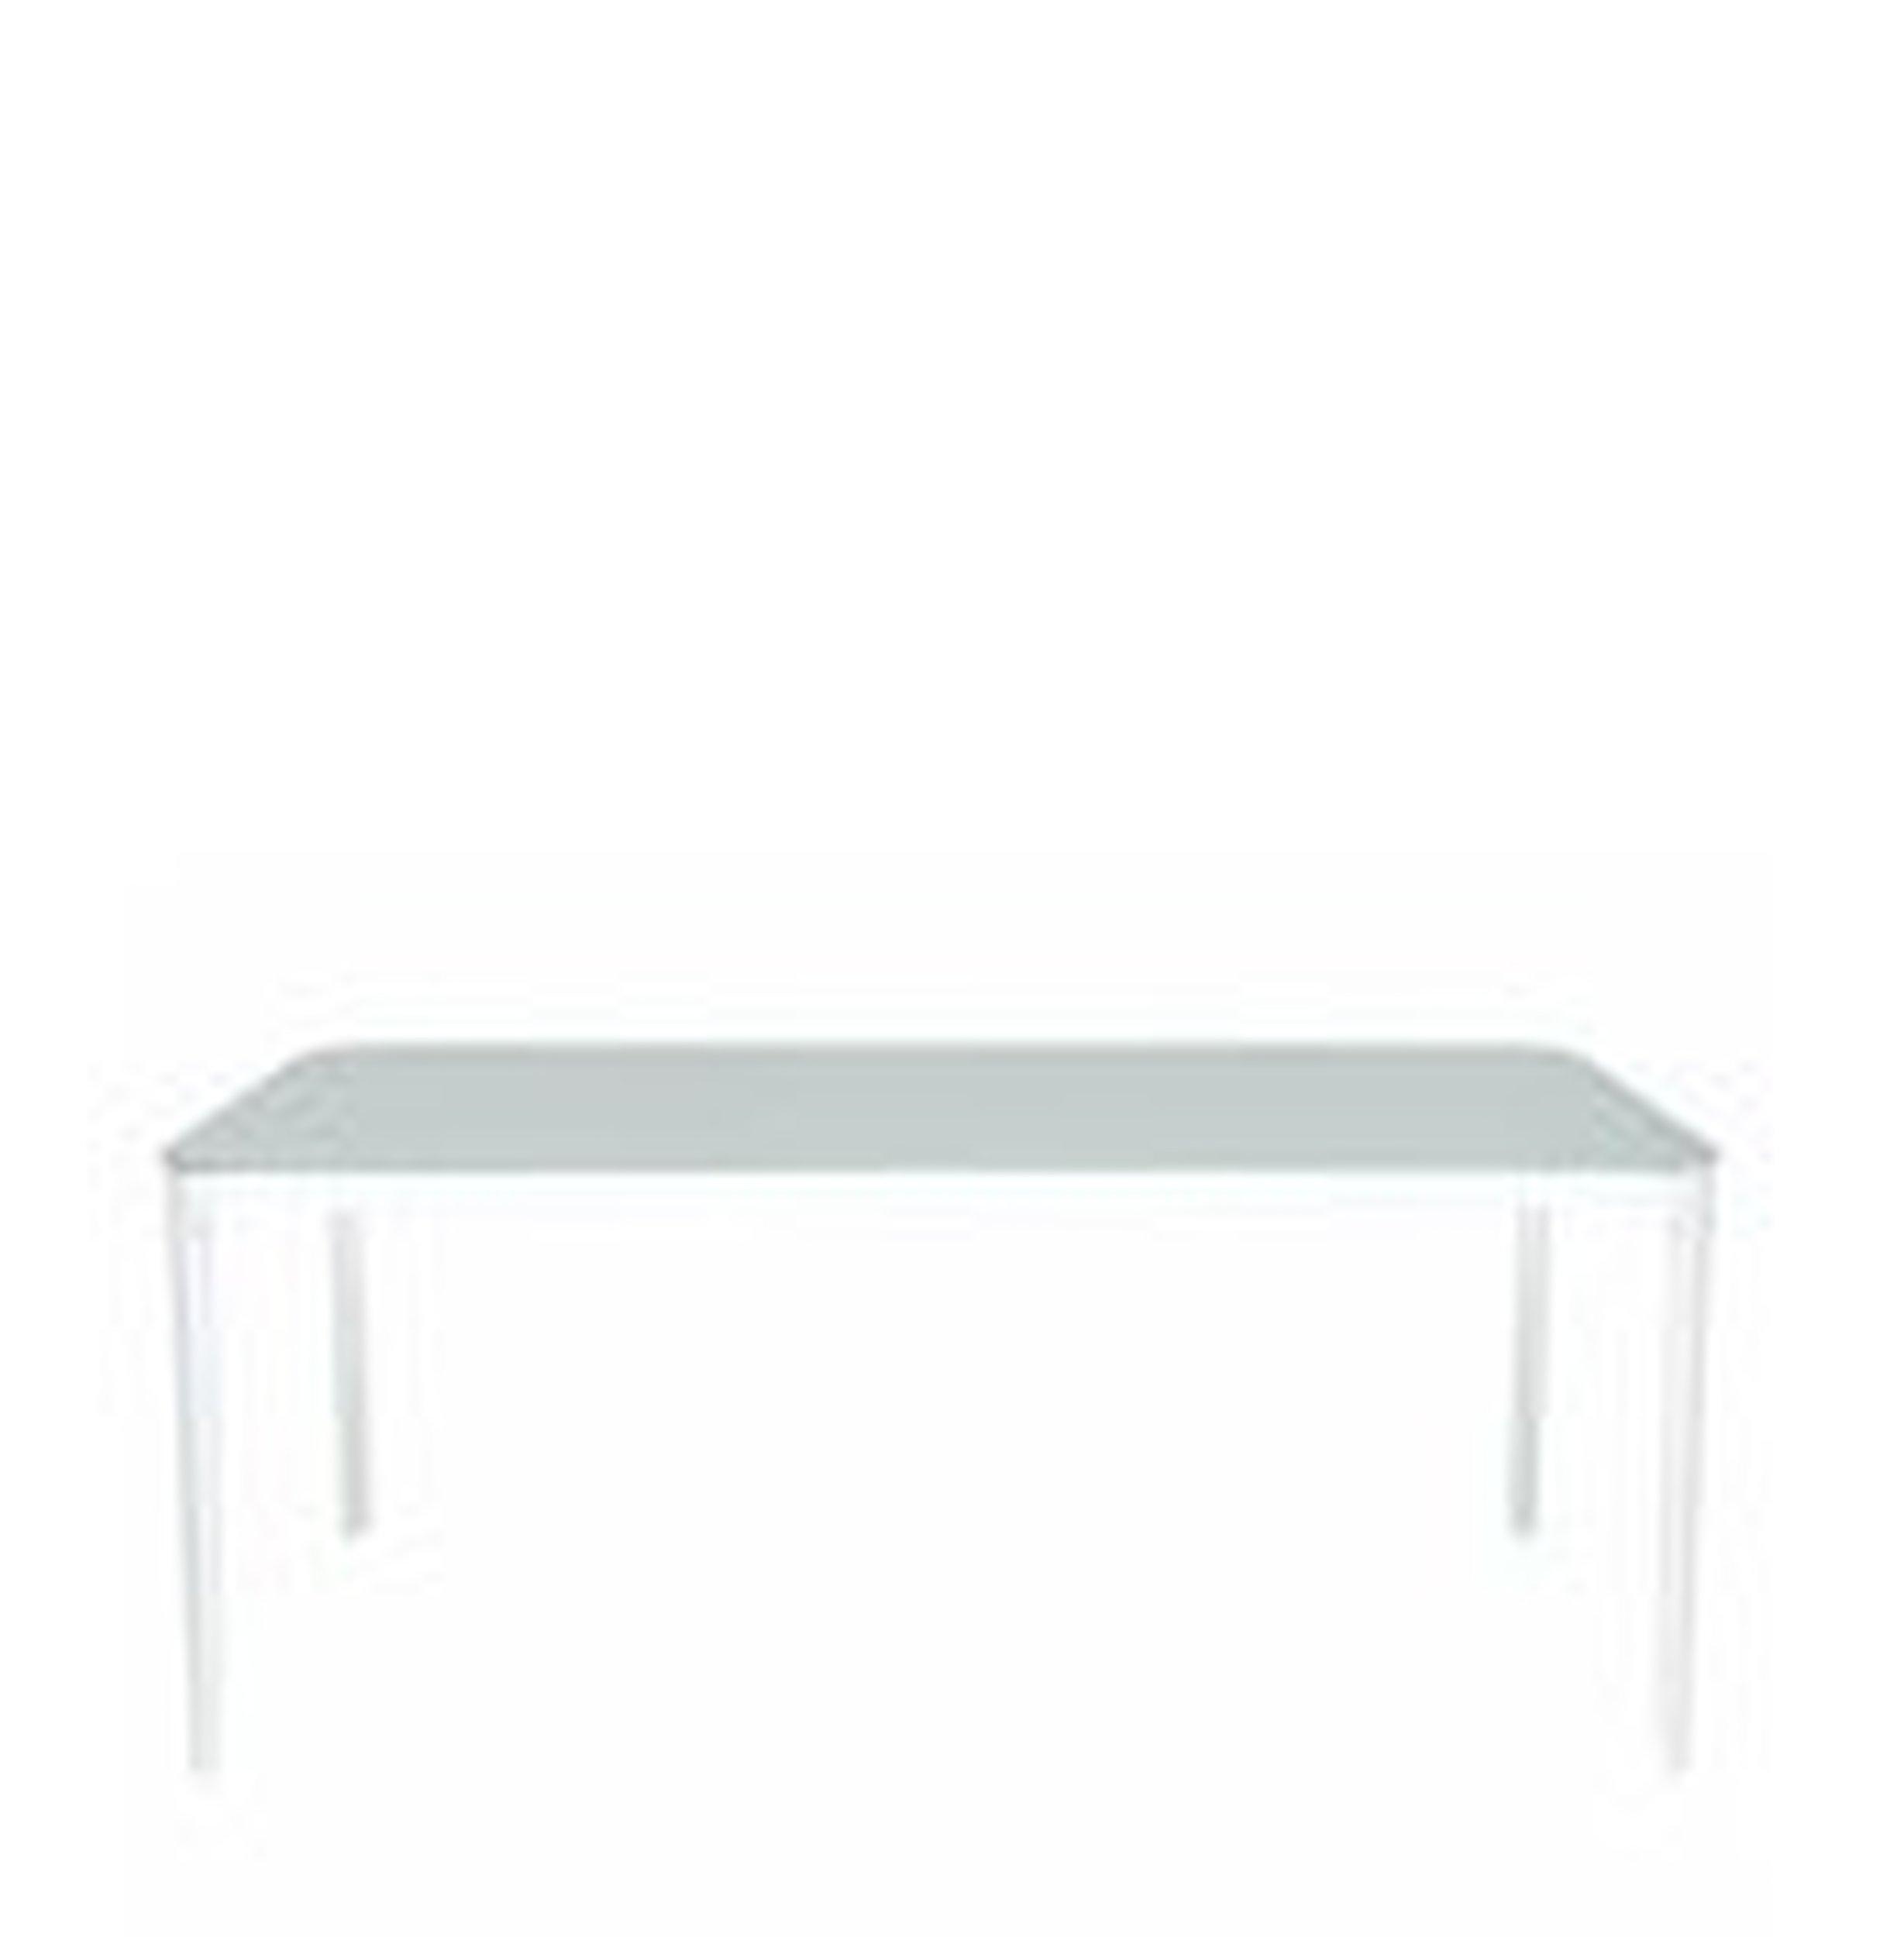 Stół Vanity prostokątny 140 cm biała rama biały blat - małe zdjęcie